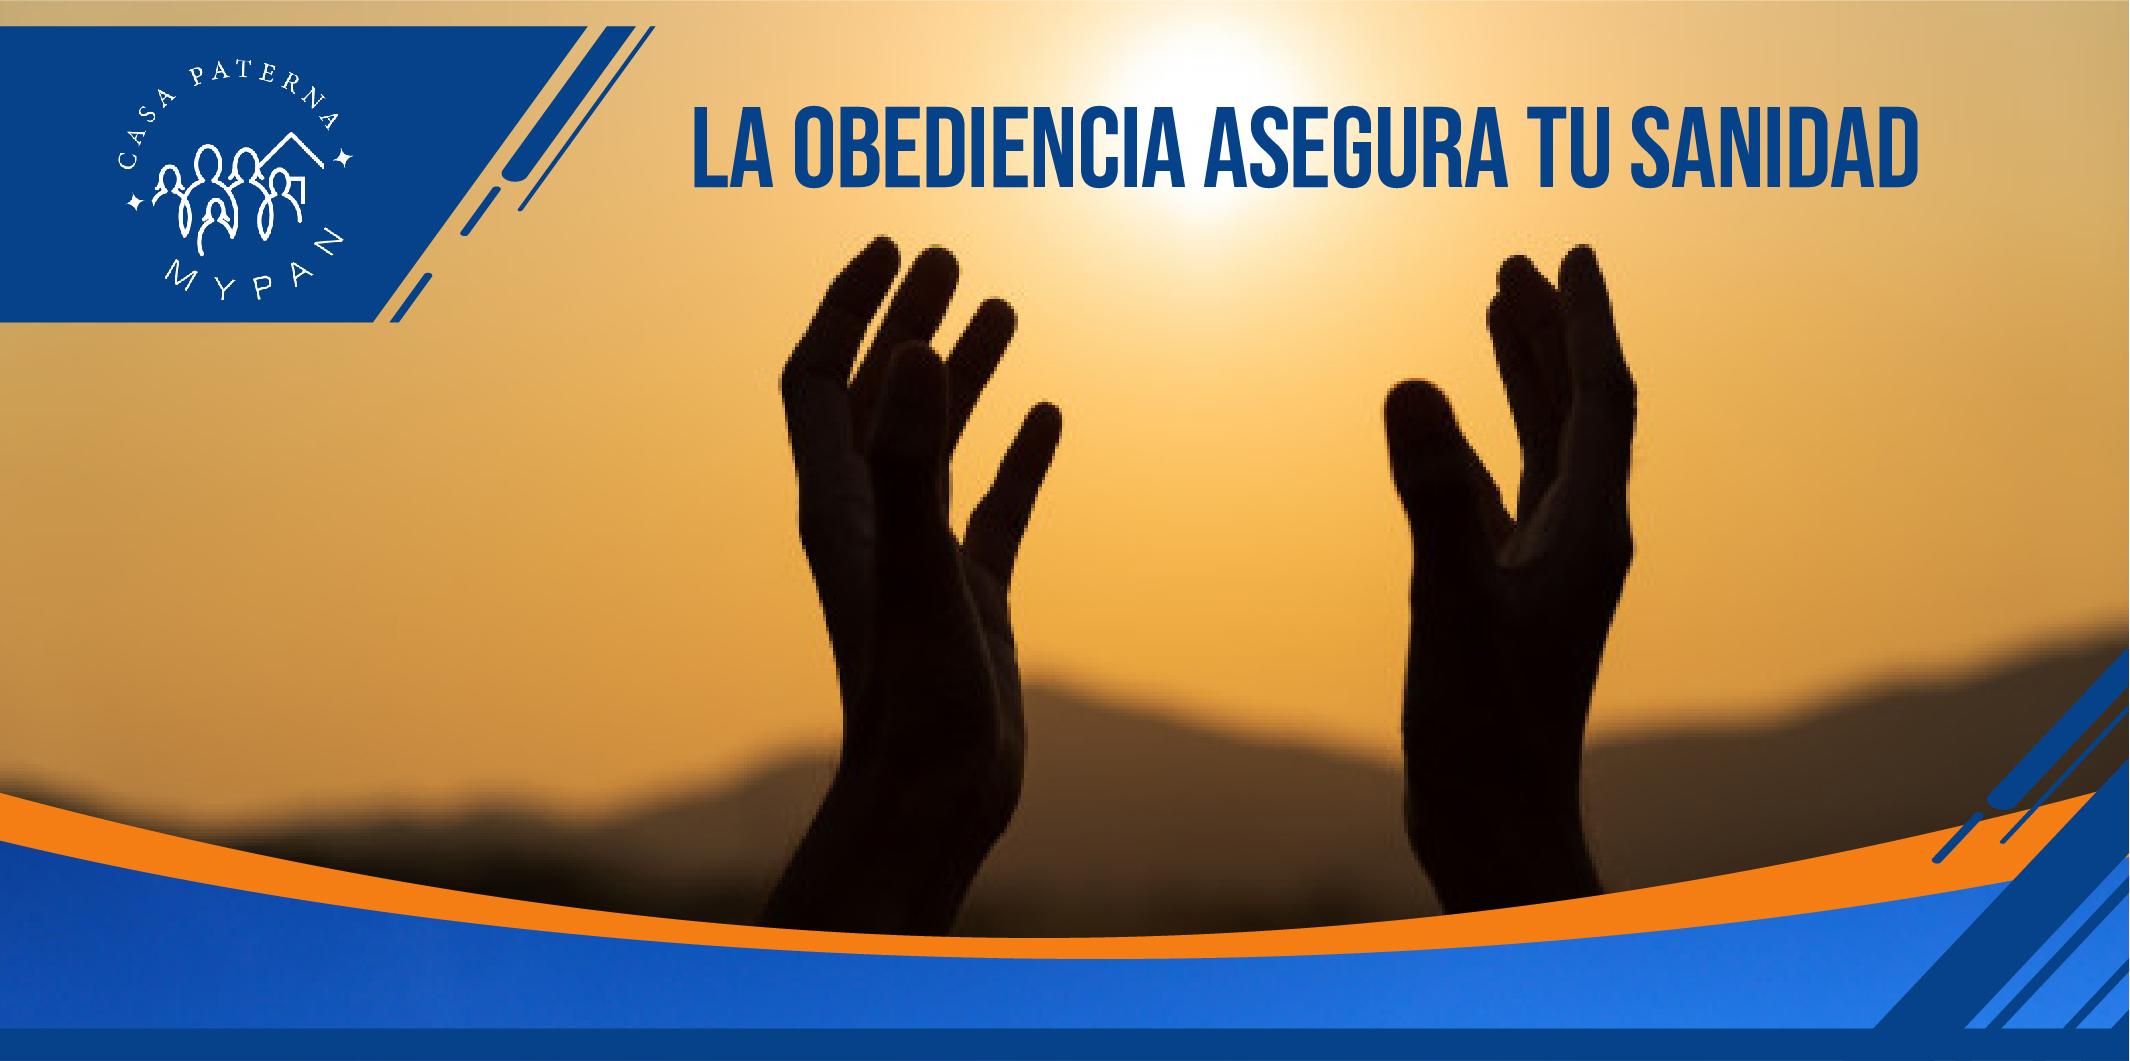 Flyer la obedicnecia asegura tu sanidad